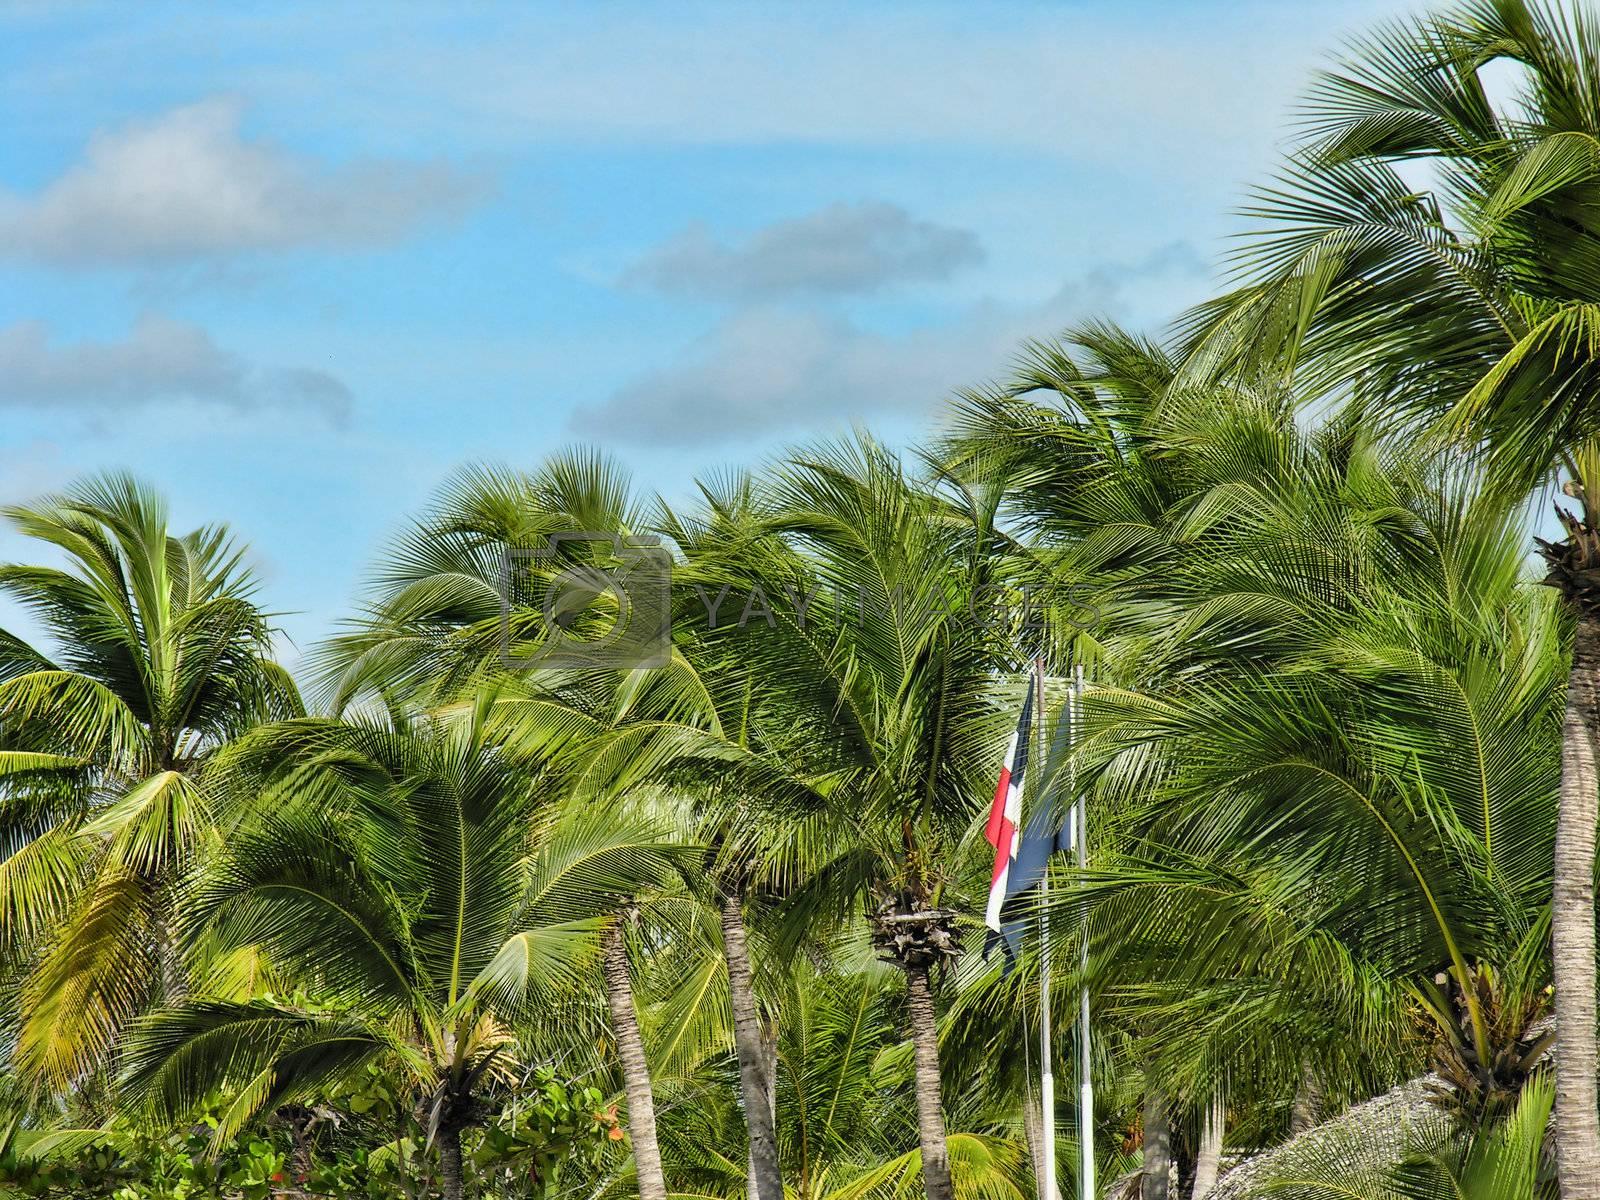 Coast of Santo Domingo, Dominican Republic by jovannig